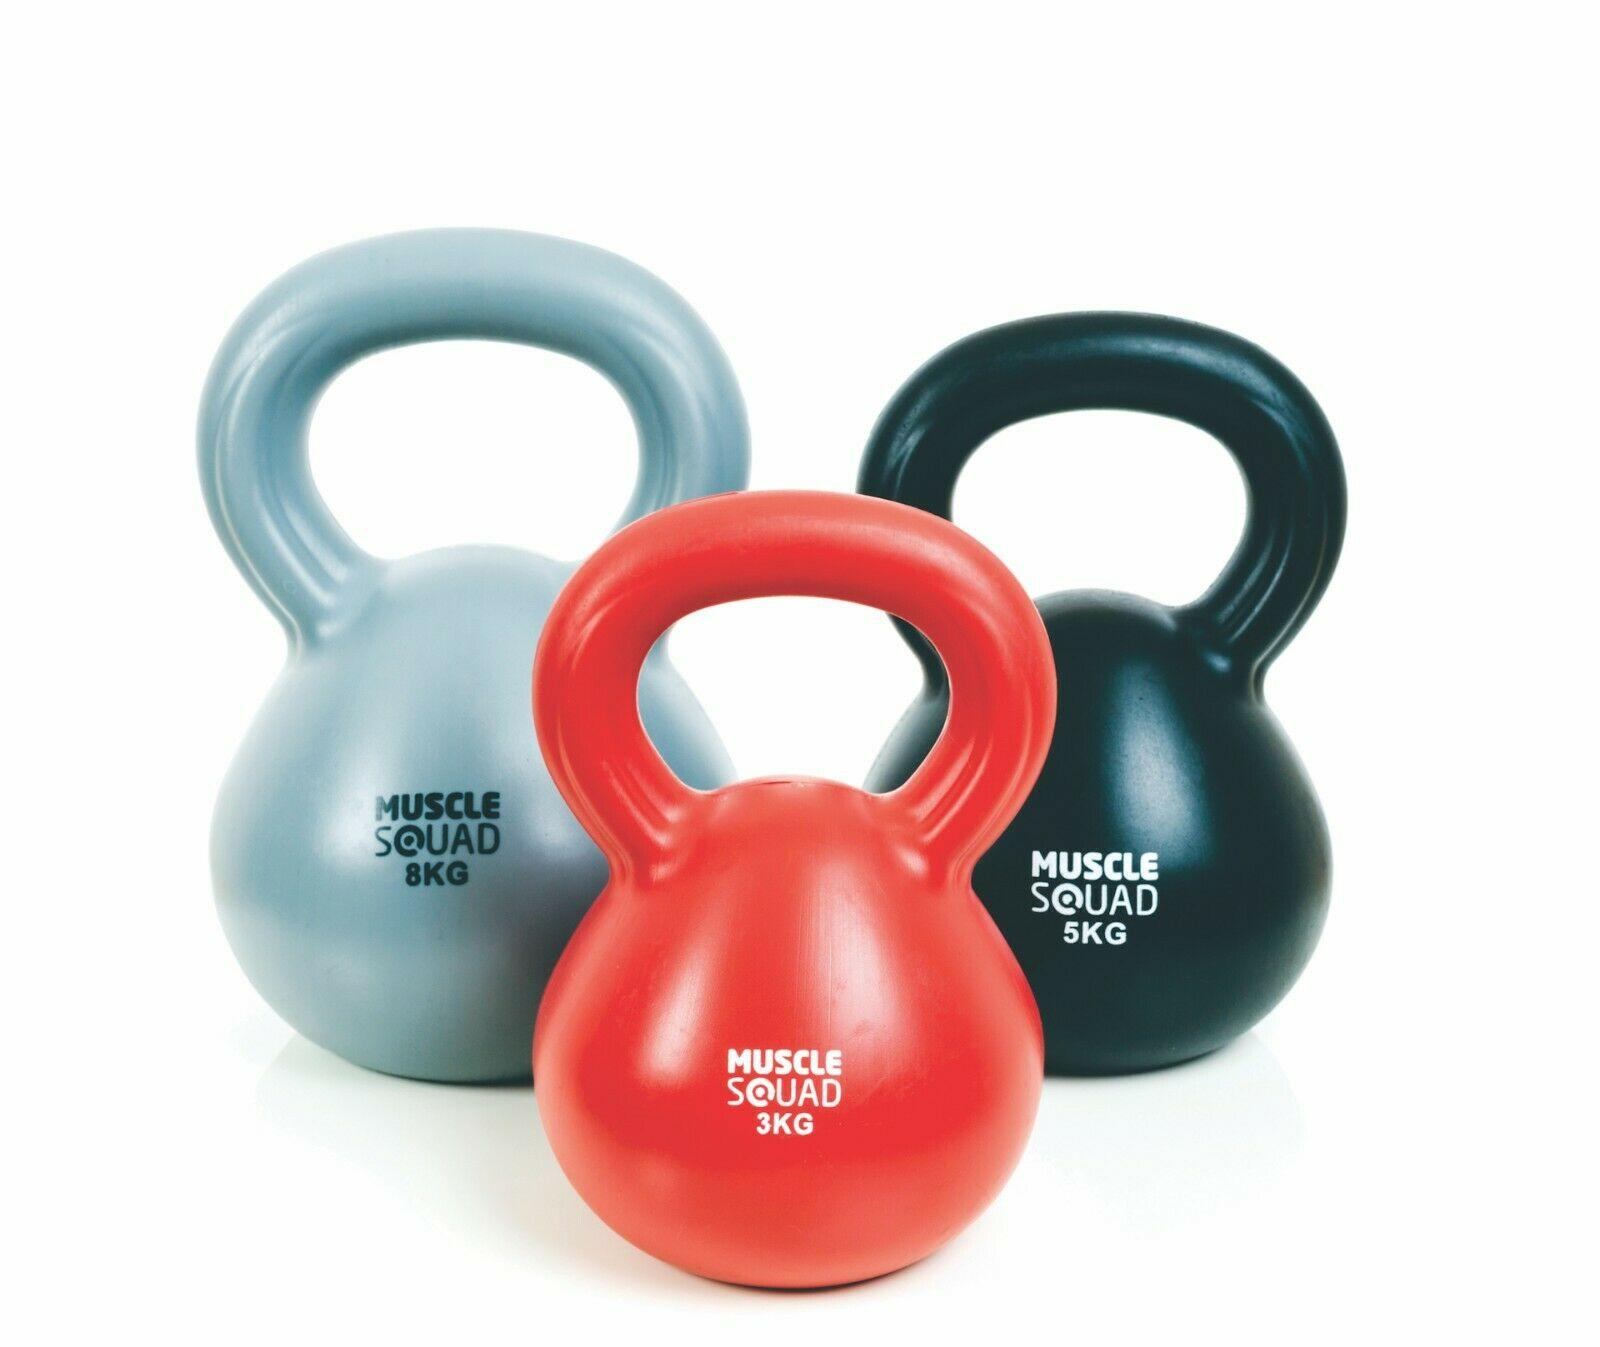 Musclesquad Kettlebell Set (3kg, 5kg, & 8kg set) for £22.09 delivered @ eBay / musclesquad